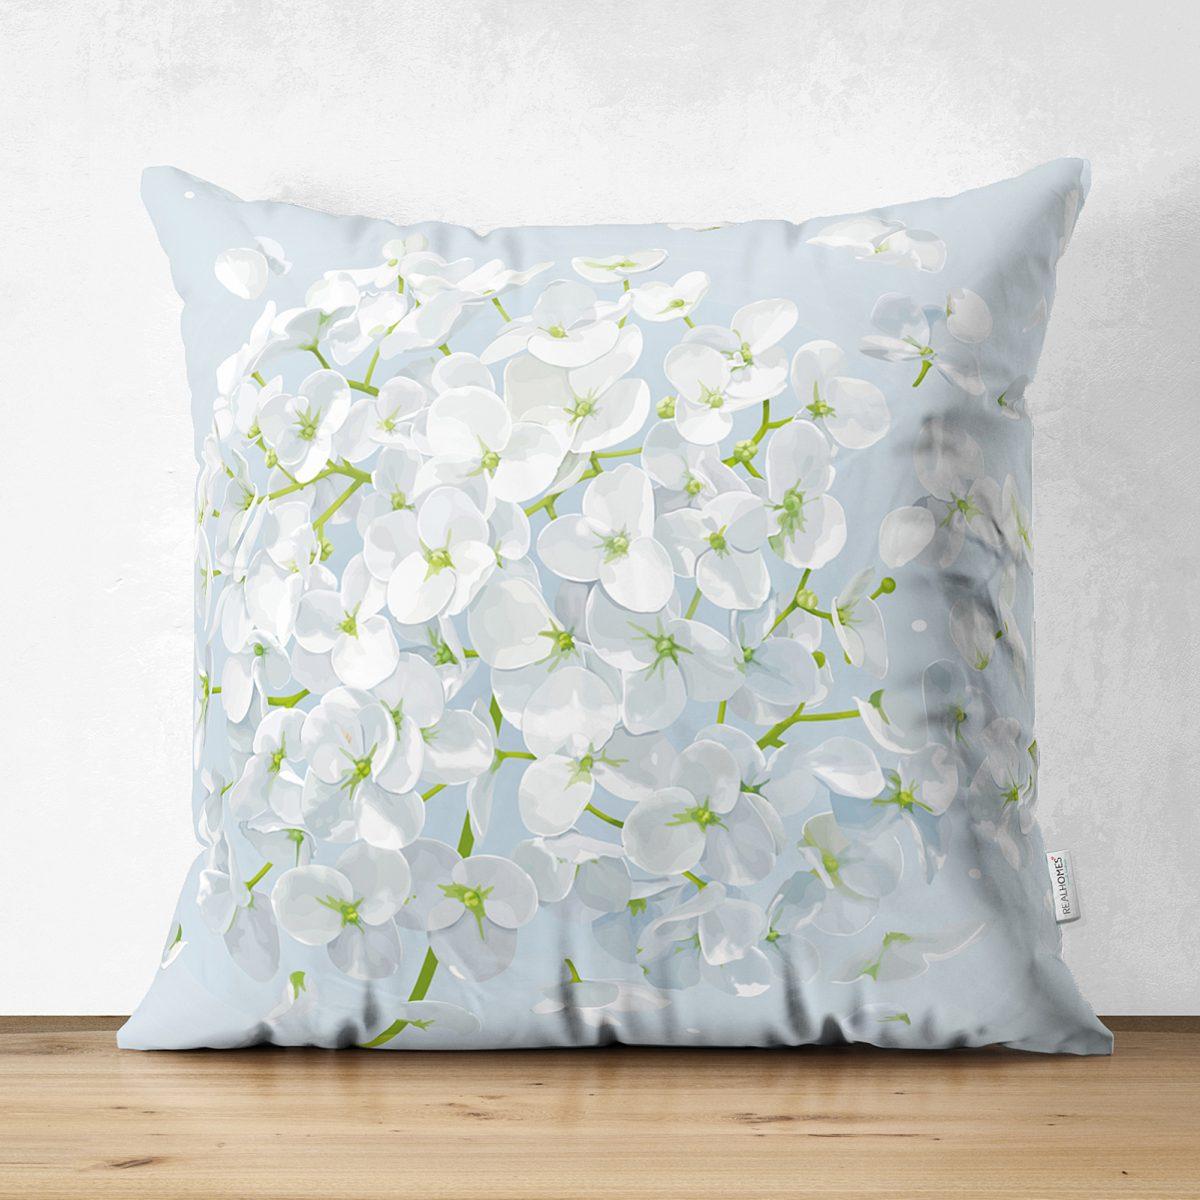 Mavi Zeminde Beyaz Ortanca Çiçeği Çift Taraflı Dijital Baskılı Süet Kırlent Kılıfı Realhomes